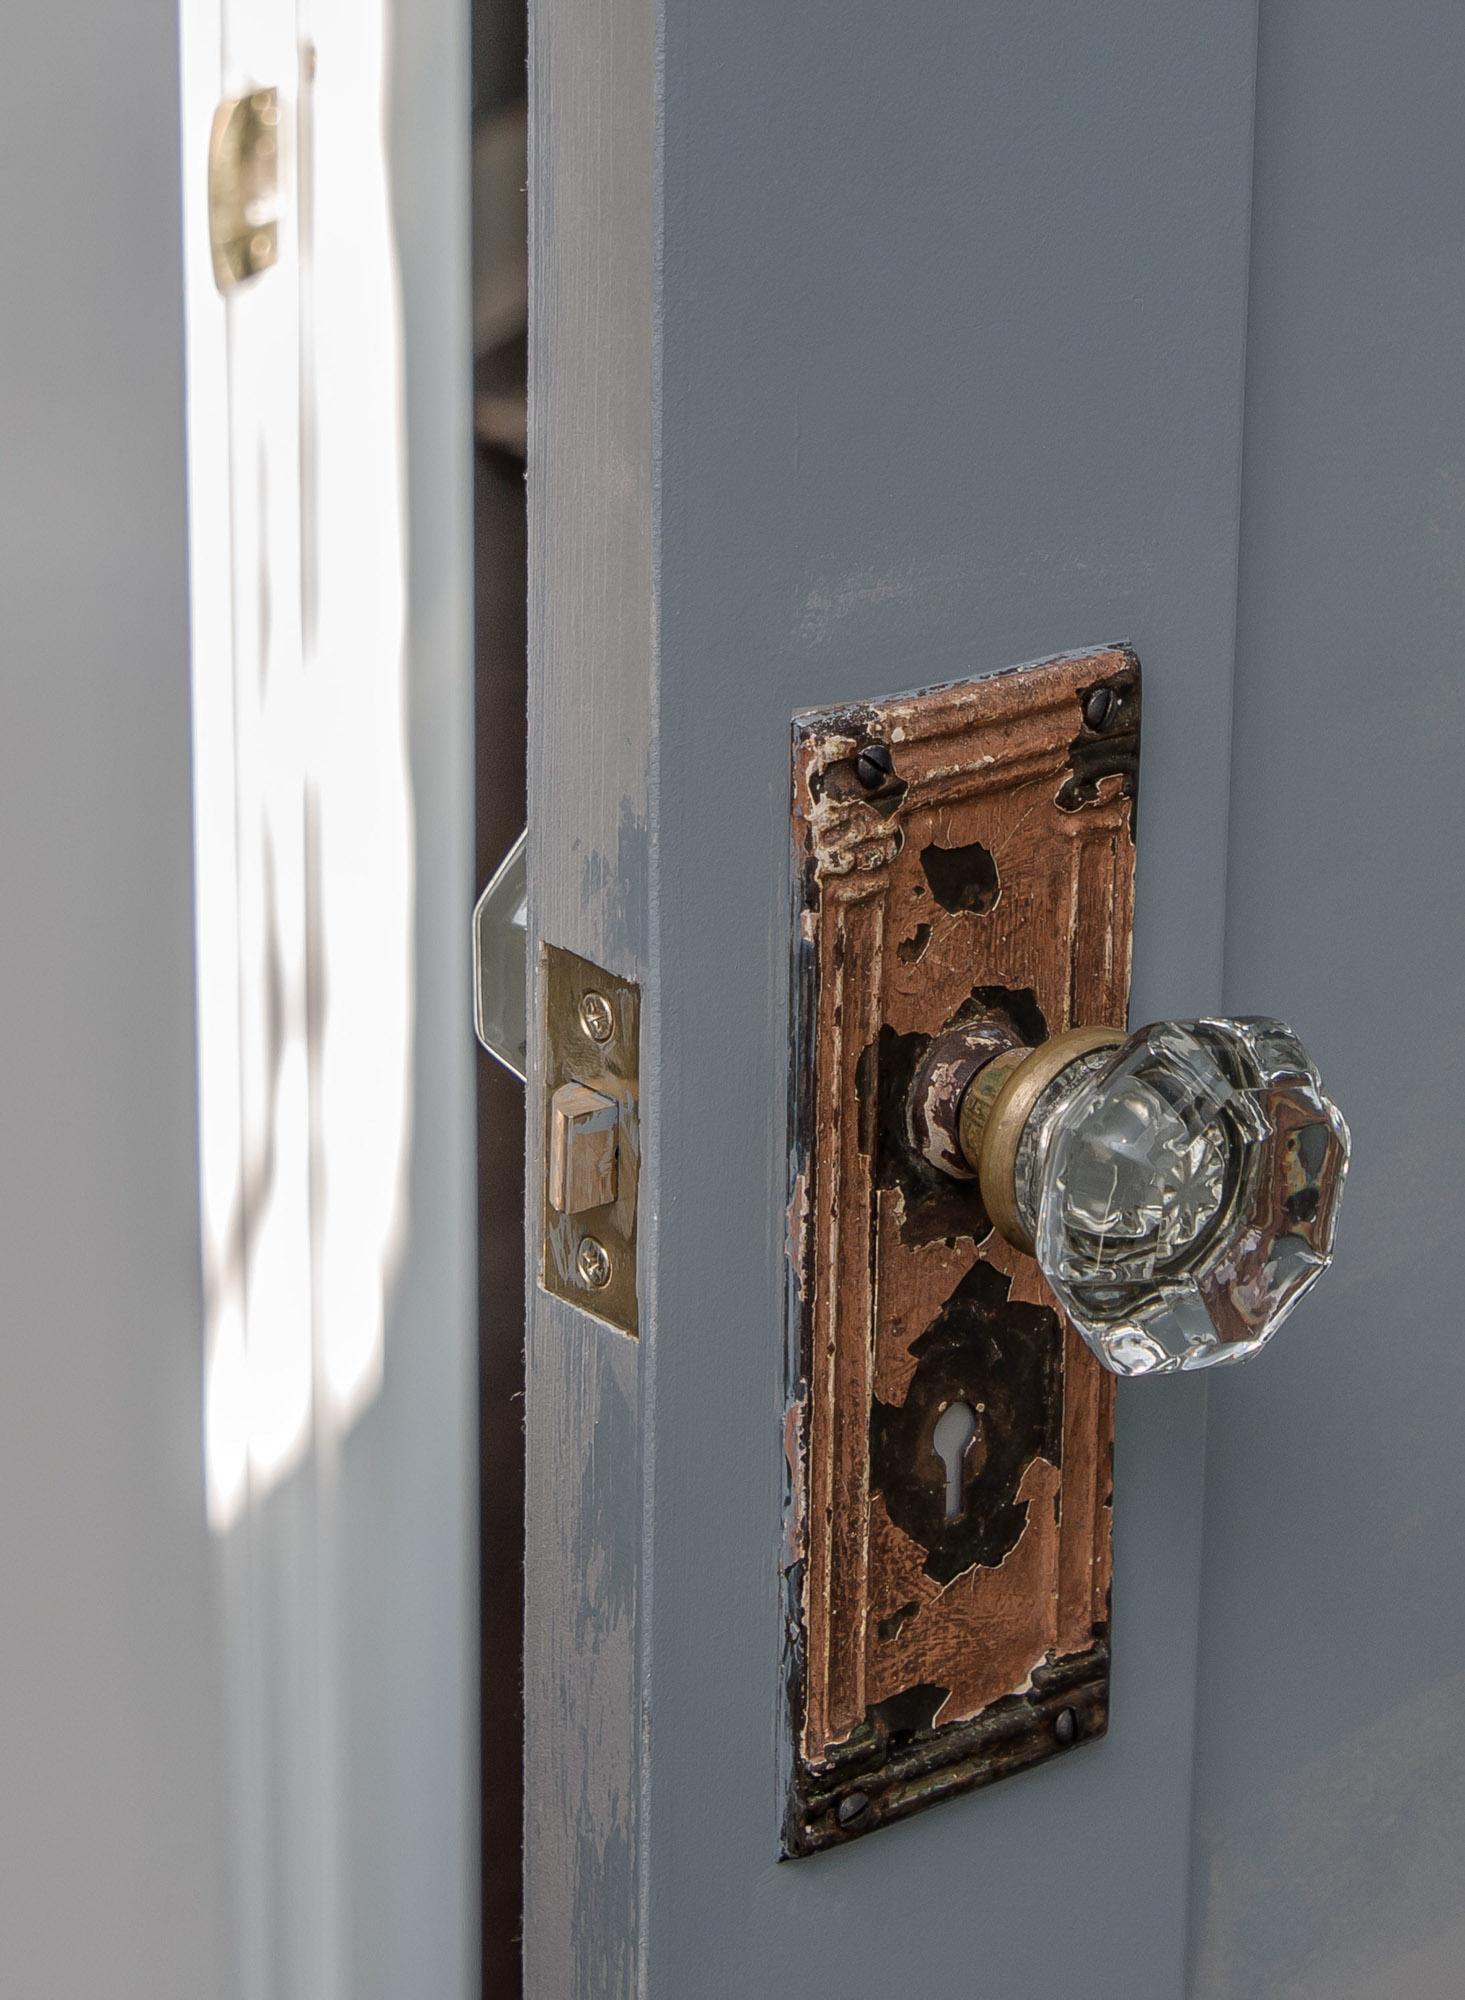 nashville-home-remodel-renovation-custom-home-tennessee-britt-development-group-1017.jpg